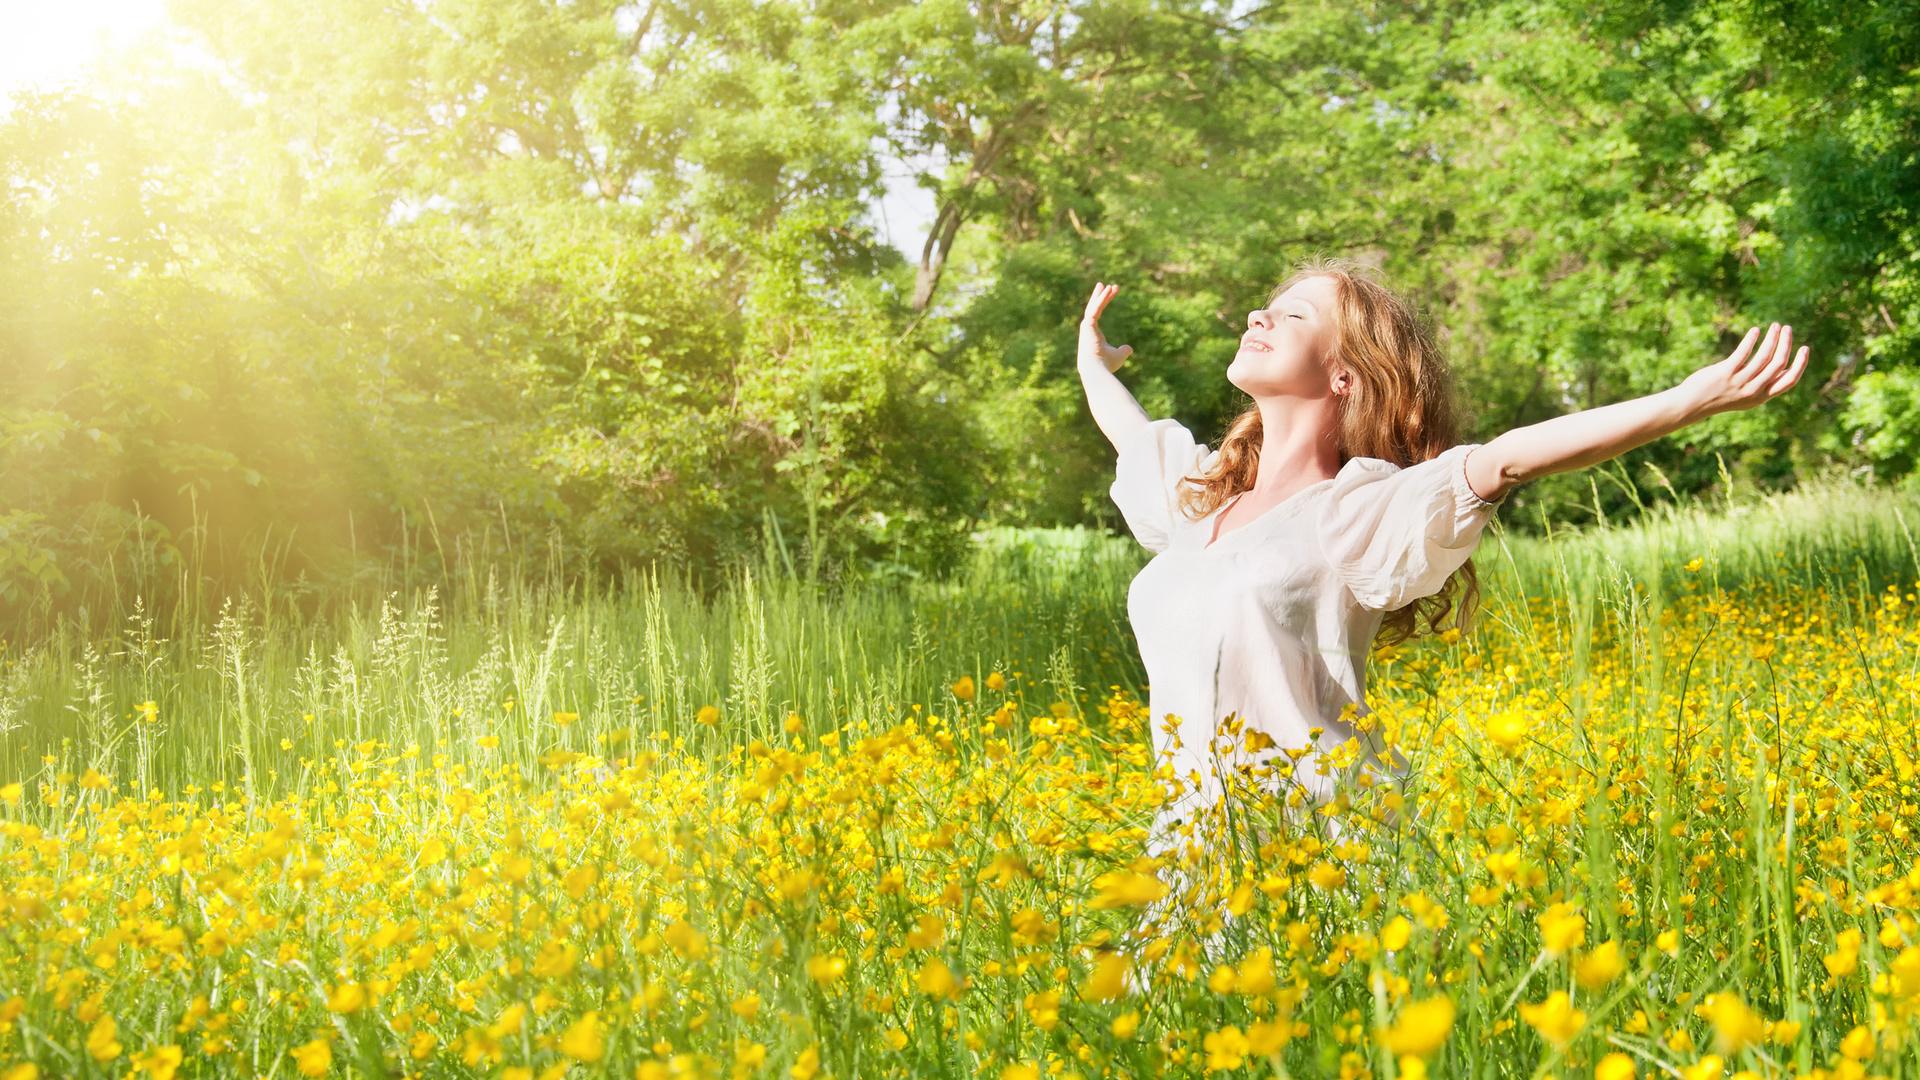 радость жить картинка большинства людей